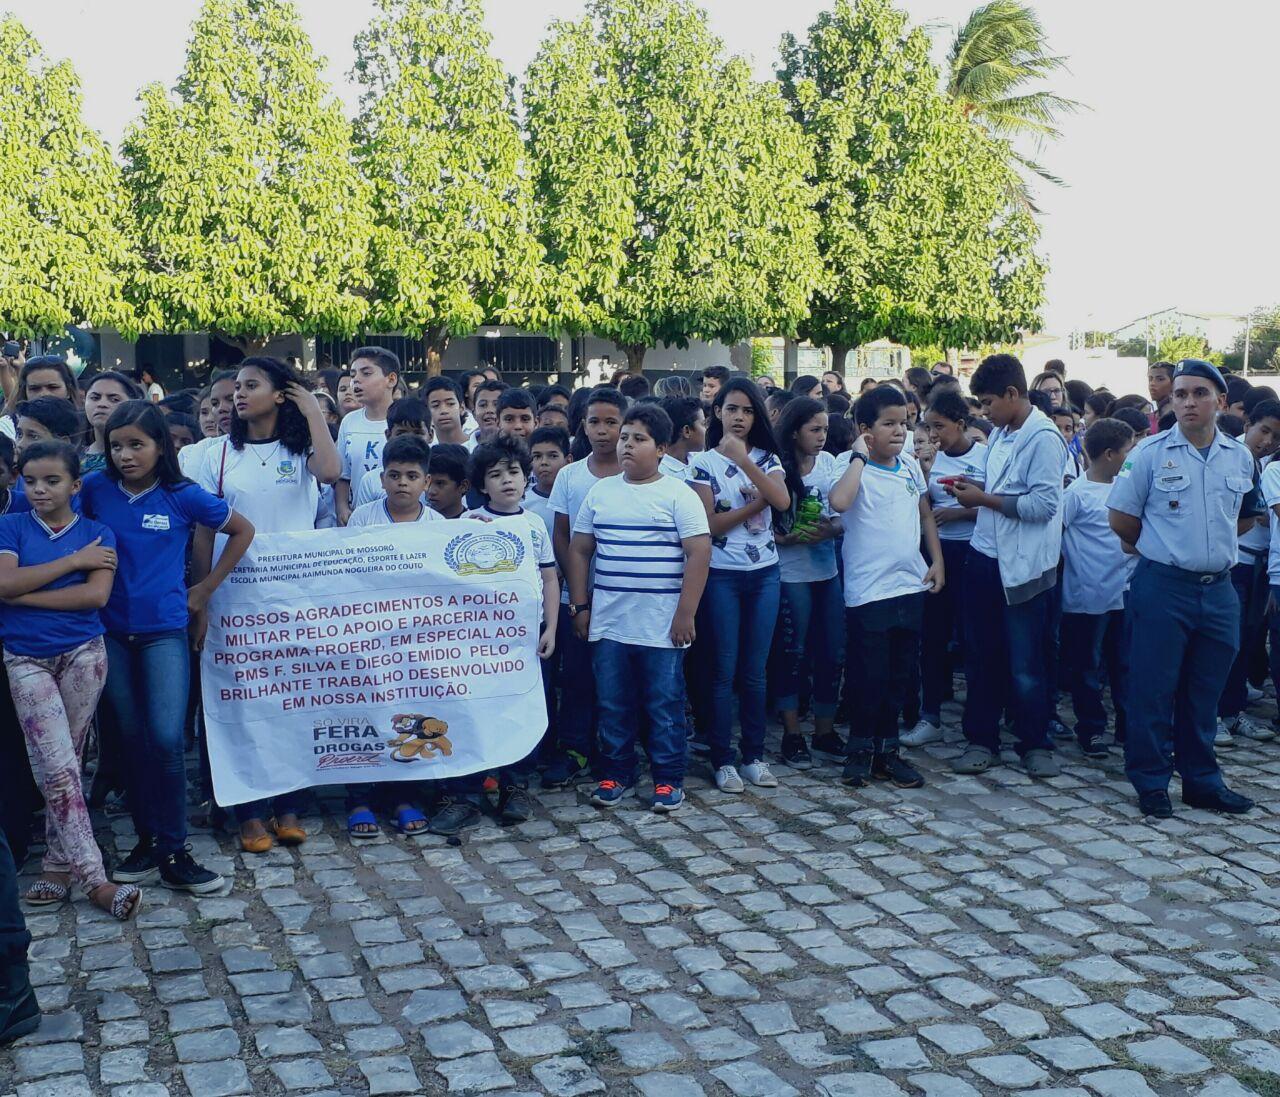 Rede Municipal de Ensino forma mais de 400 alunos no PROERD